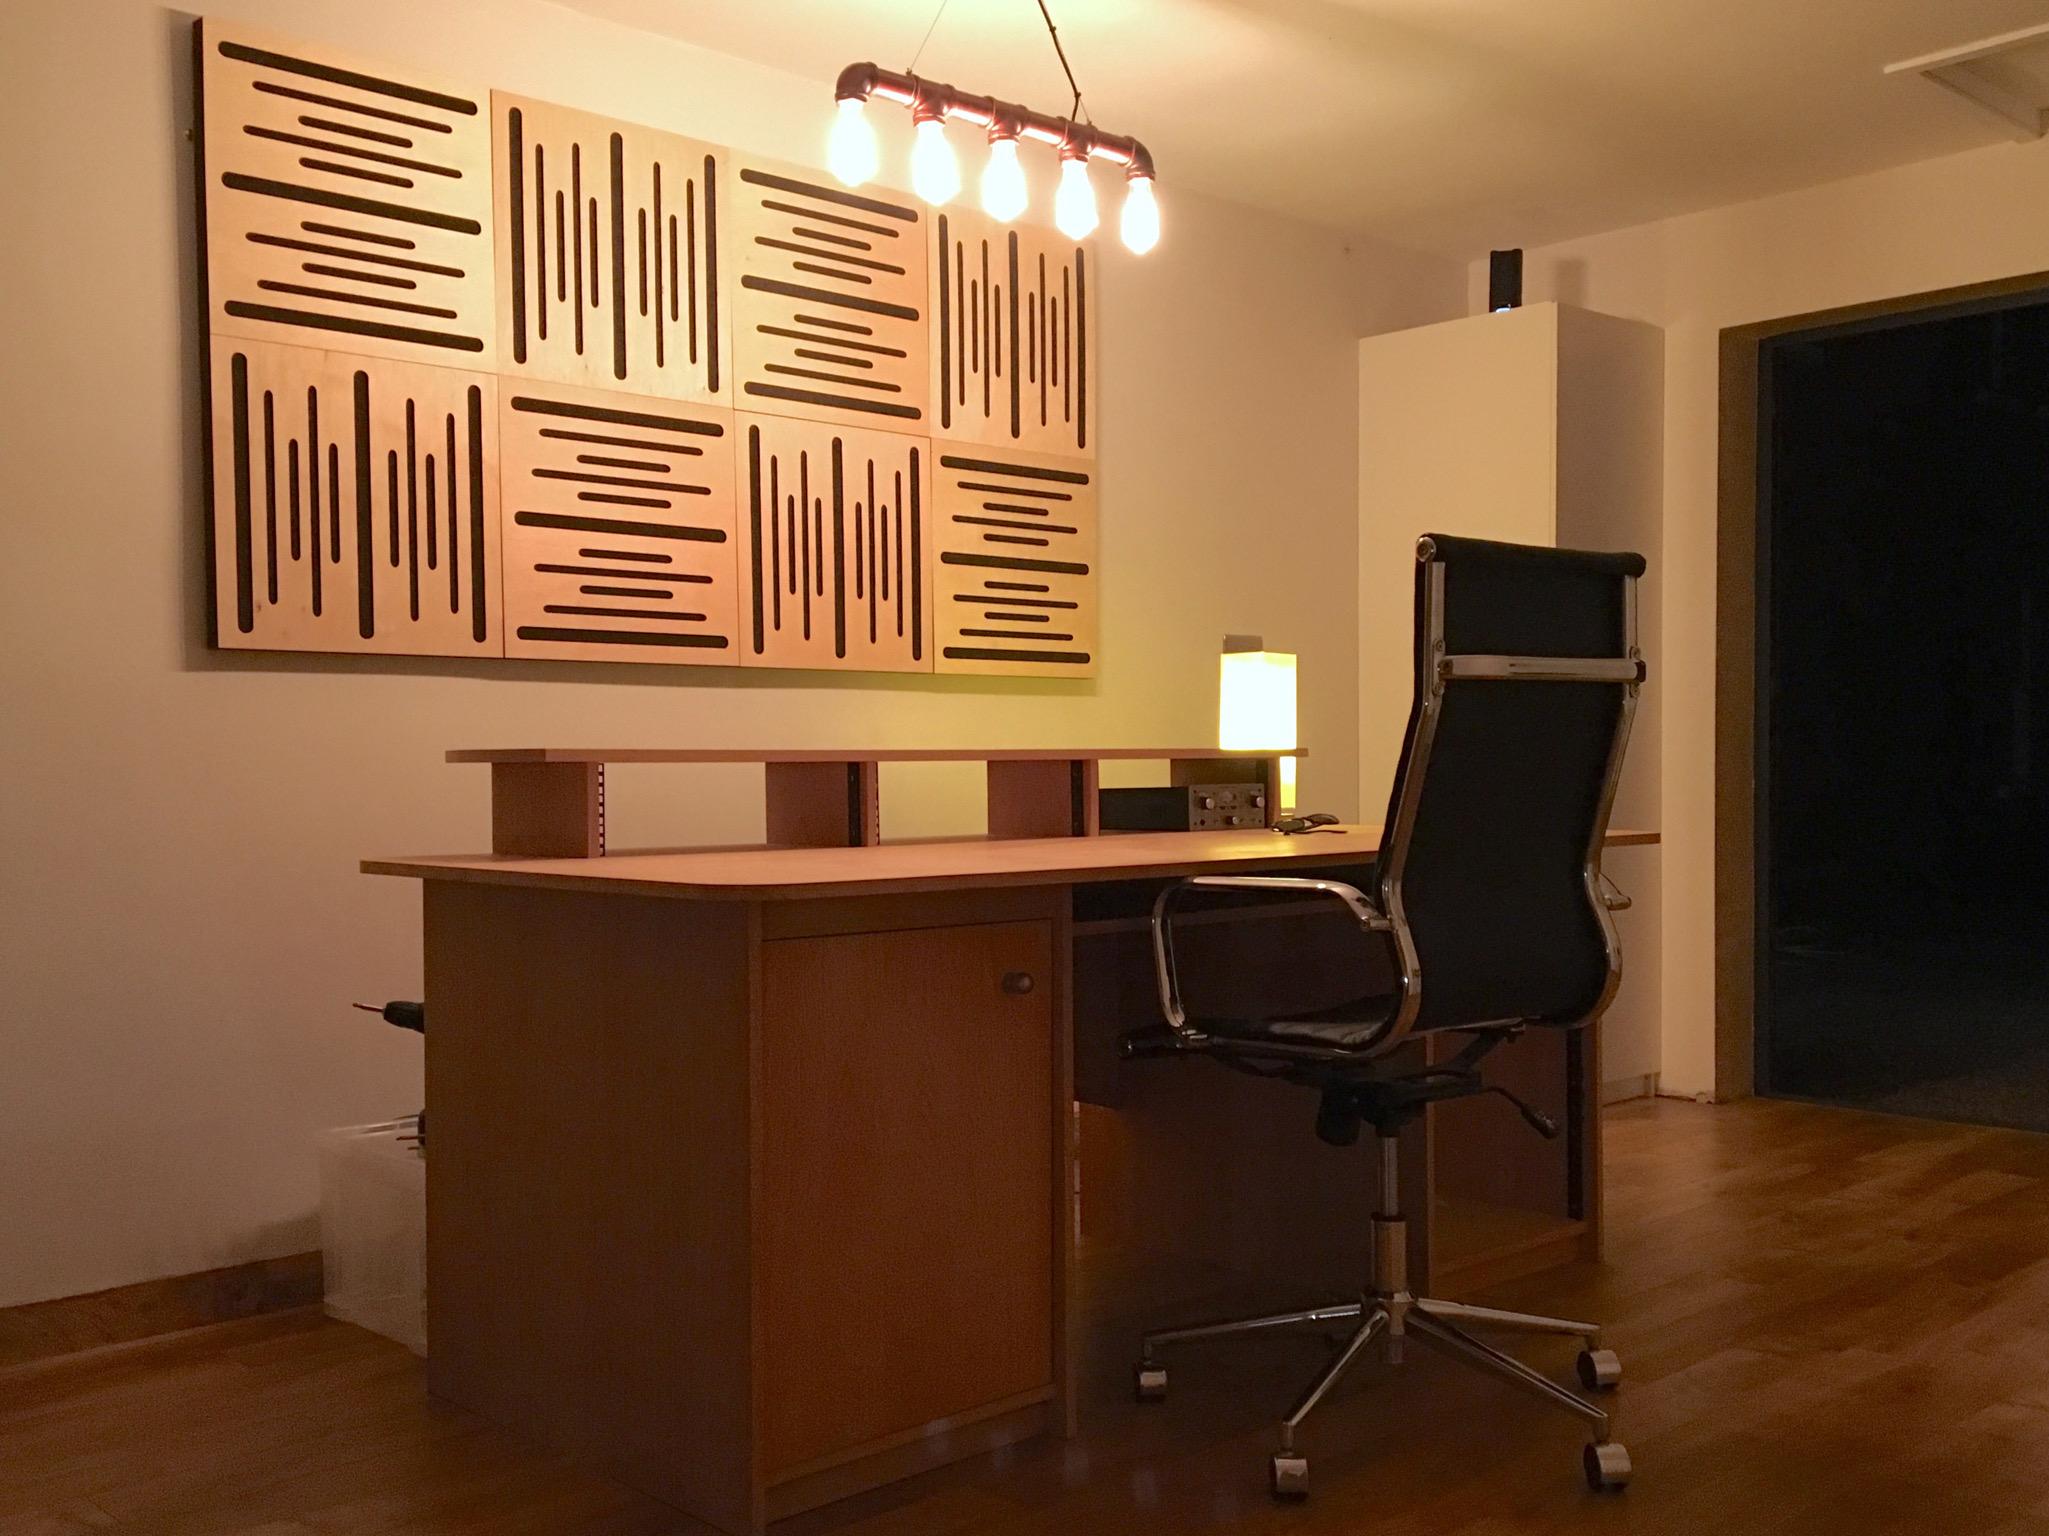 Studio-Acoustics 3